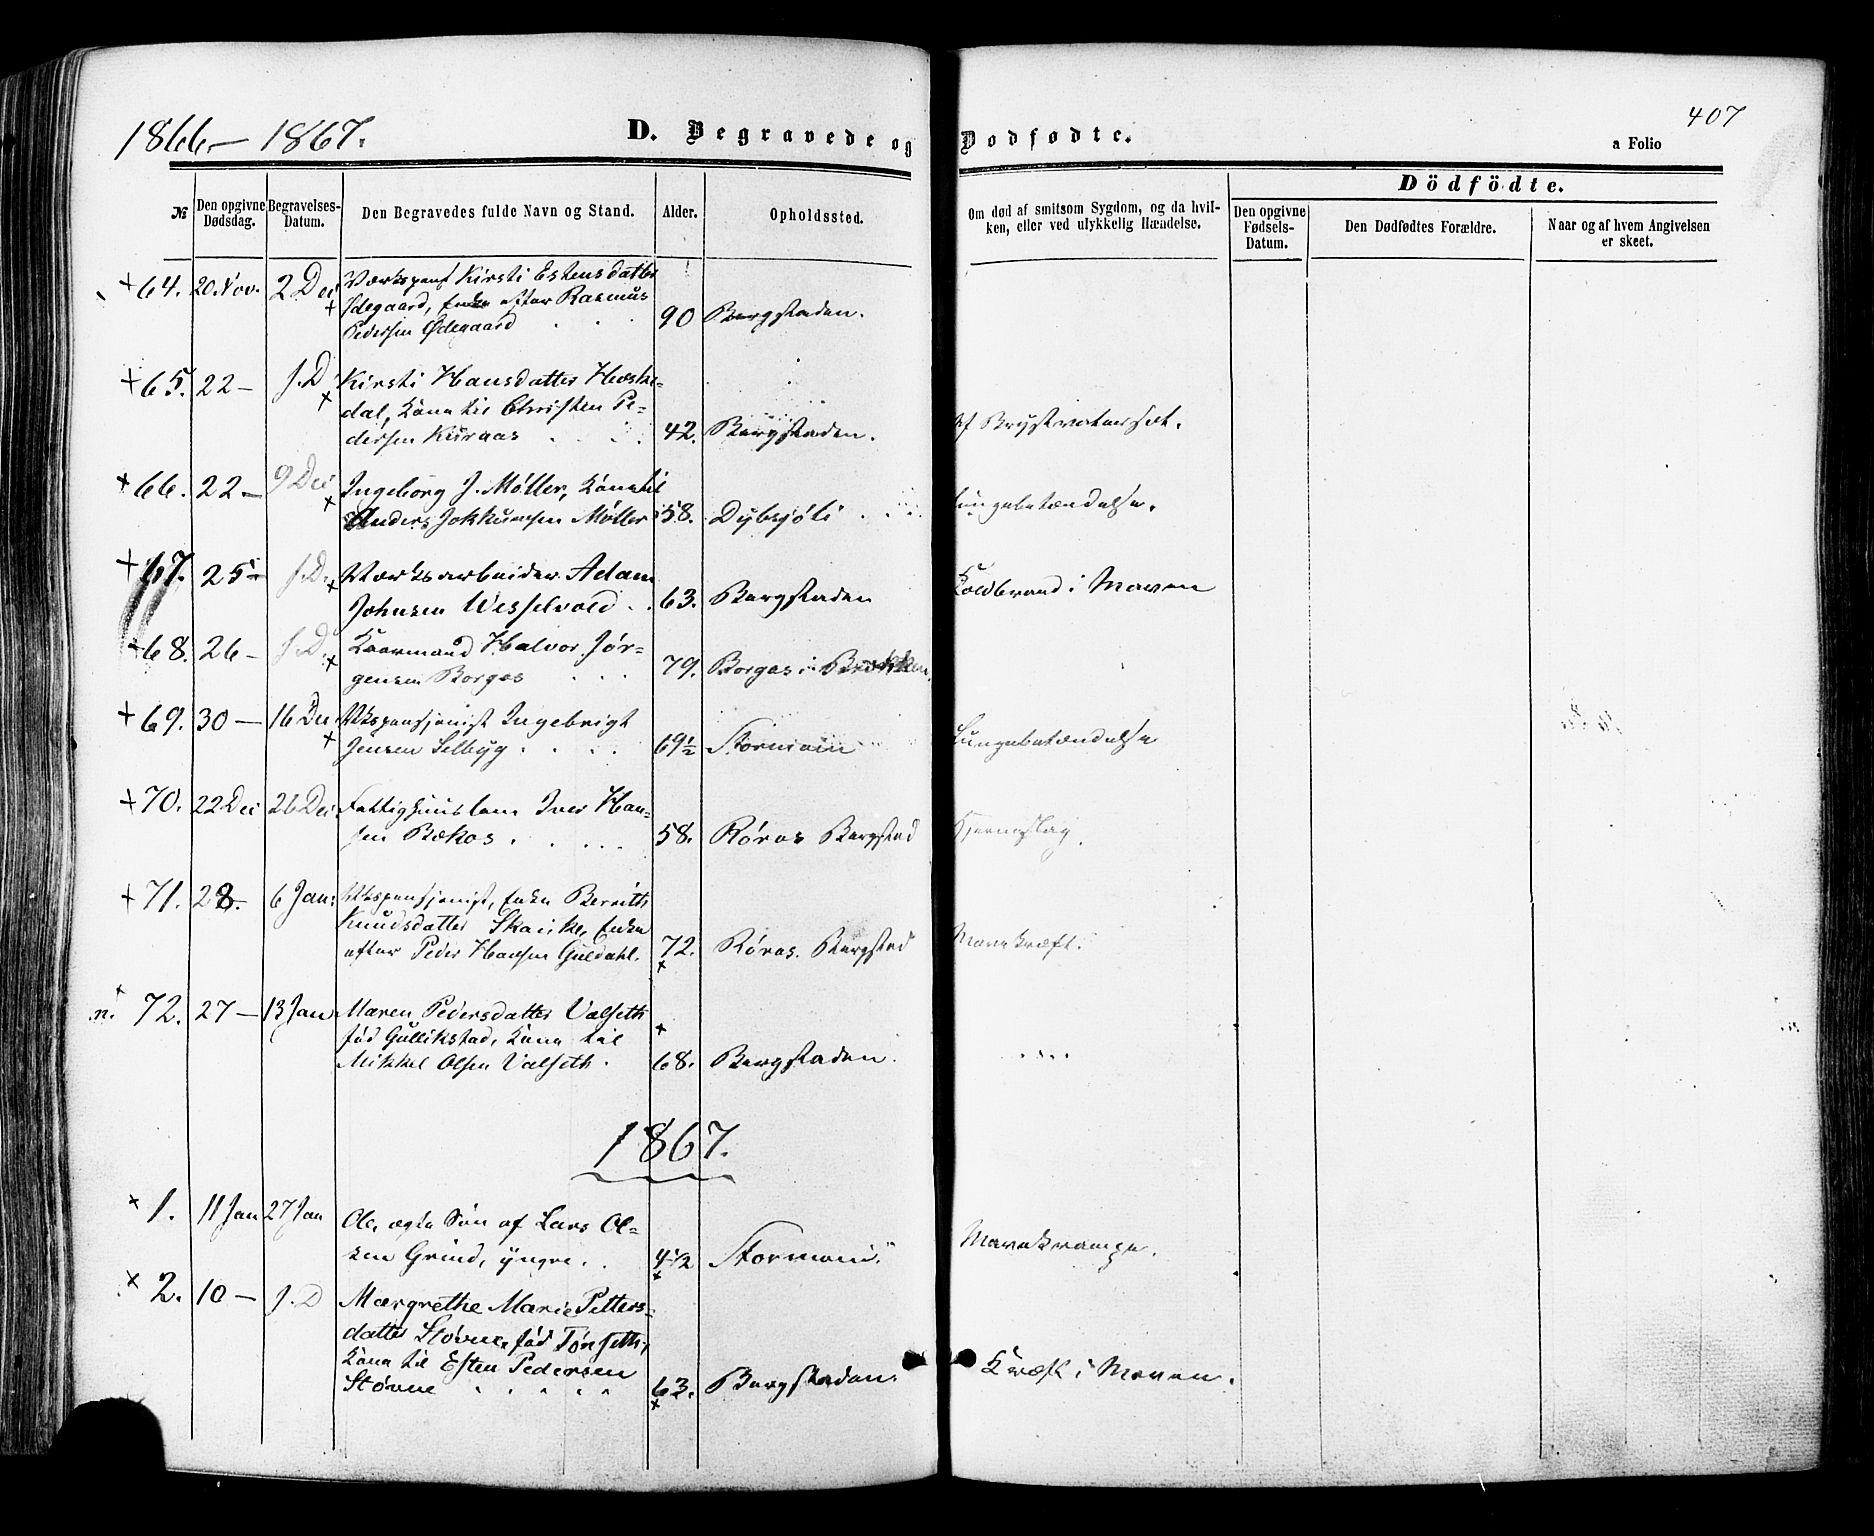 SAT, Ministerialprotokoller, klokkerbøker og fødselsregistre - Sør-Trøndelag, 681/L0932: Ministerialbok nr. 681A10, 1860-1878, s. 407